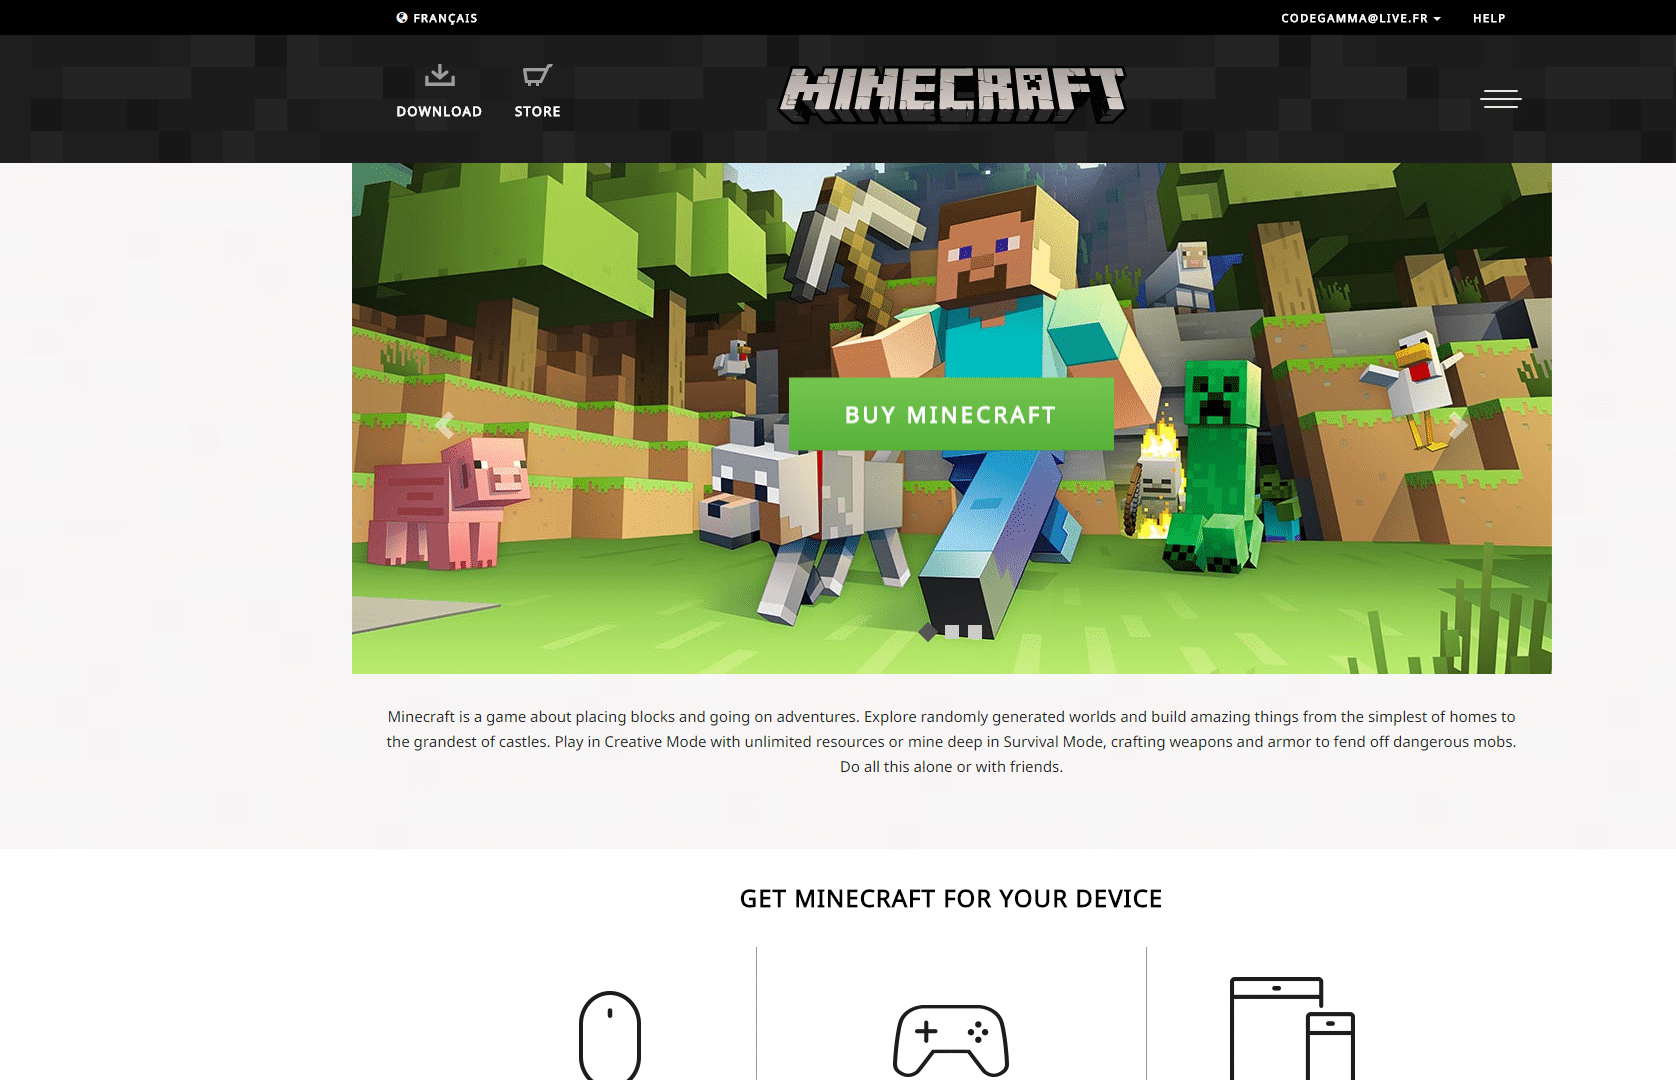 Minecraft.net 2.0